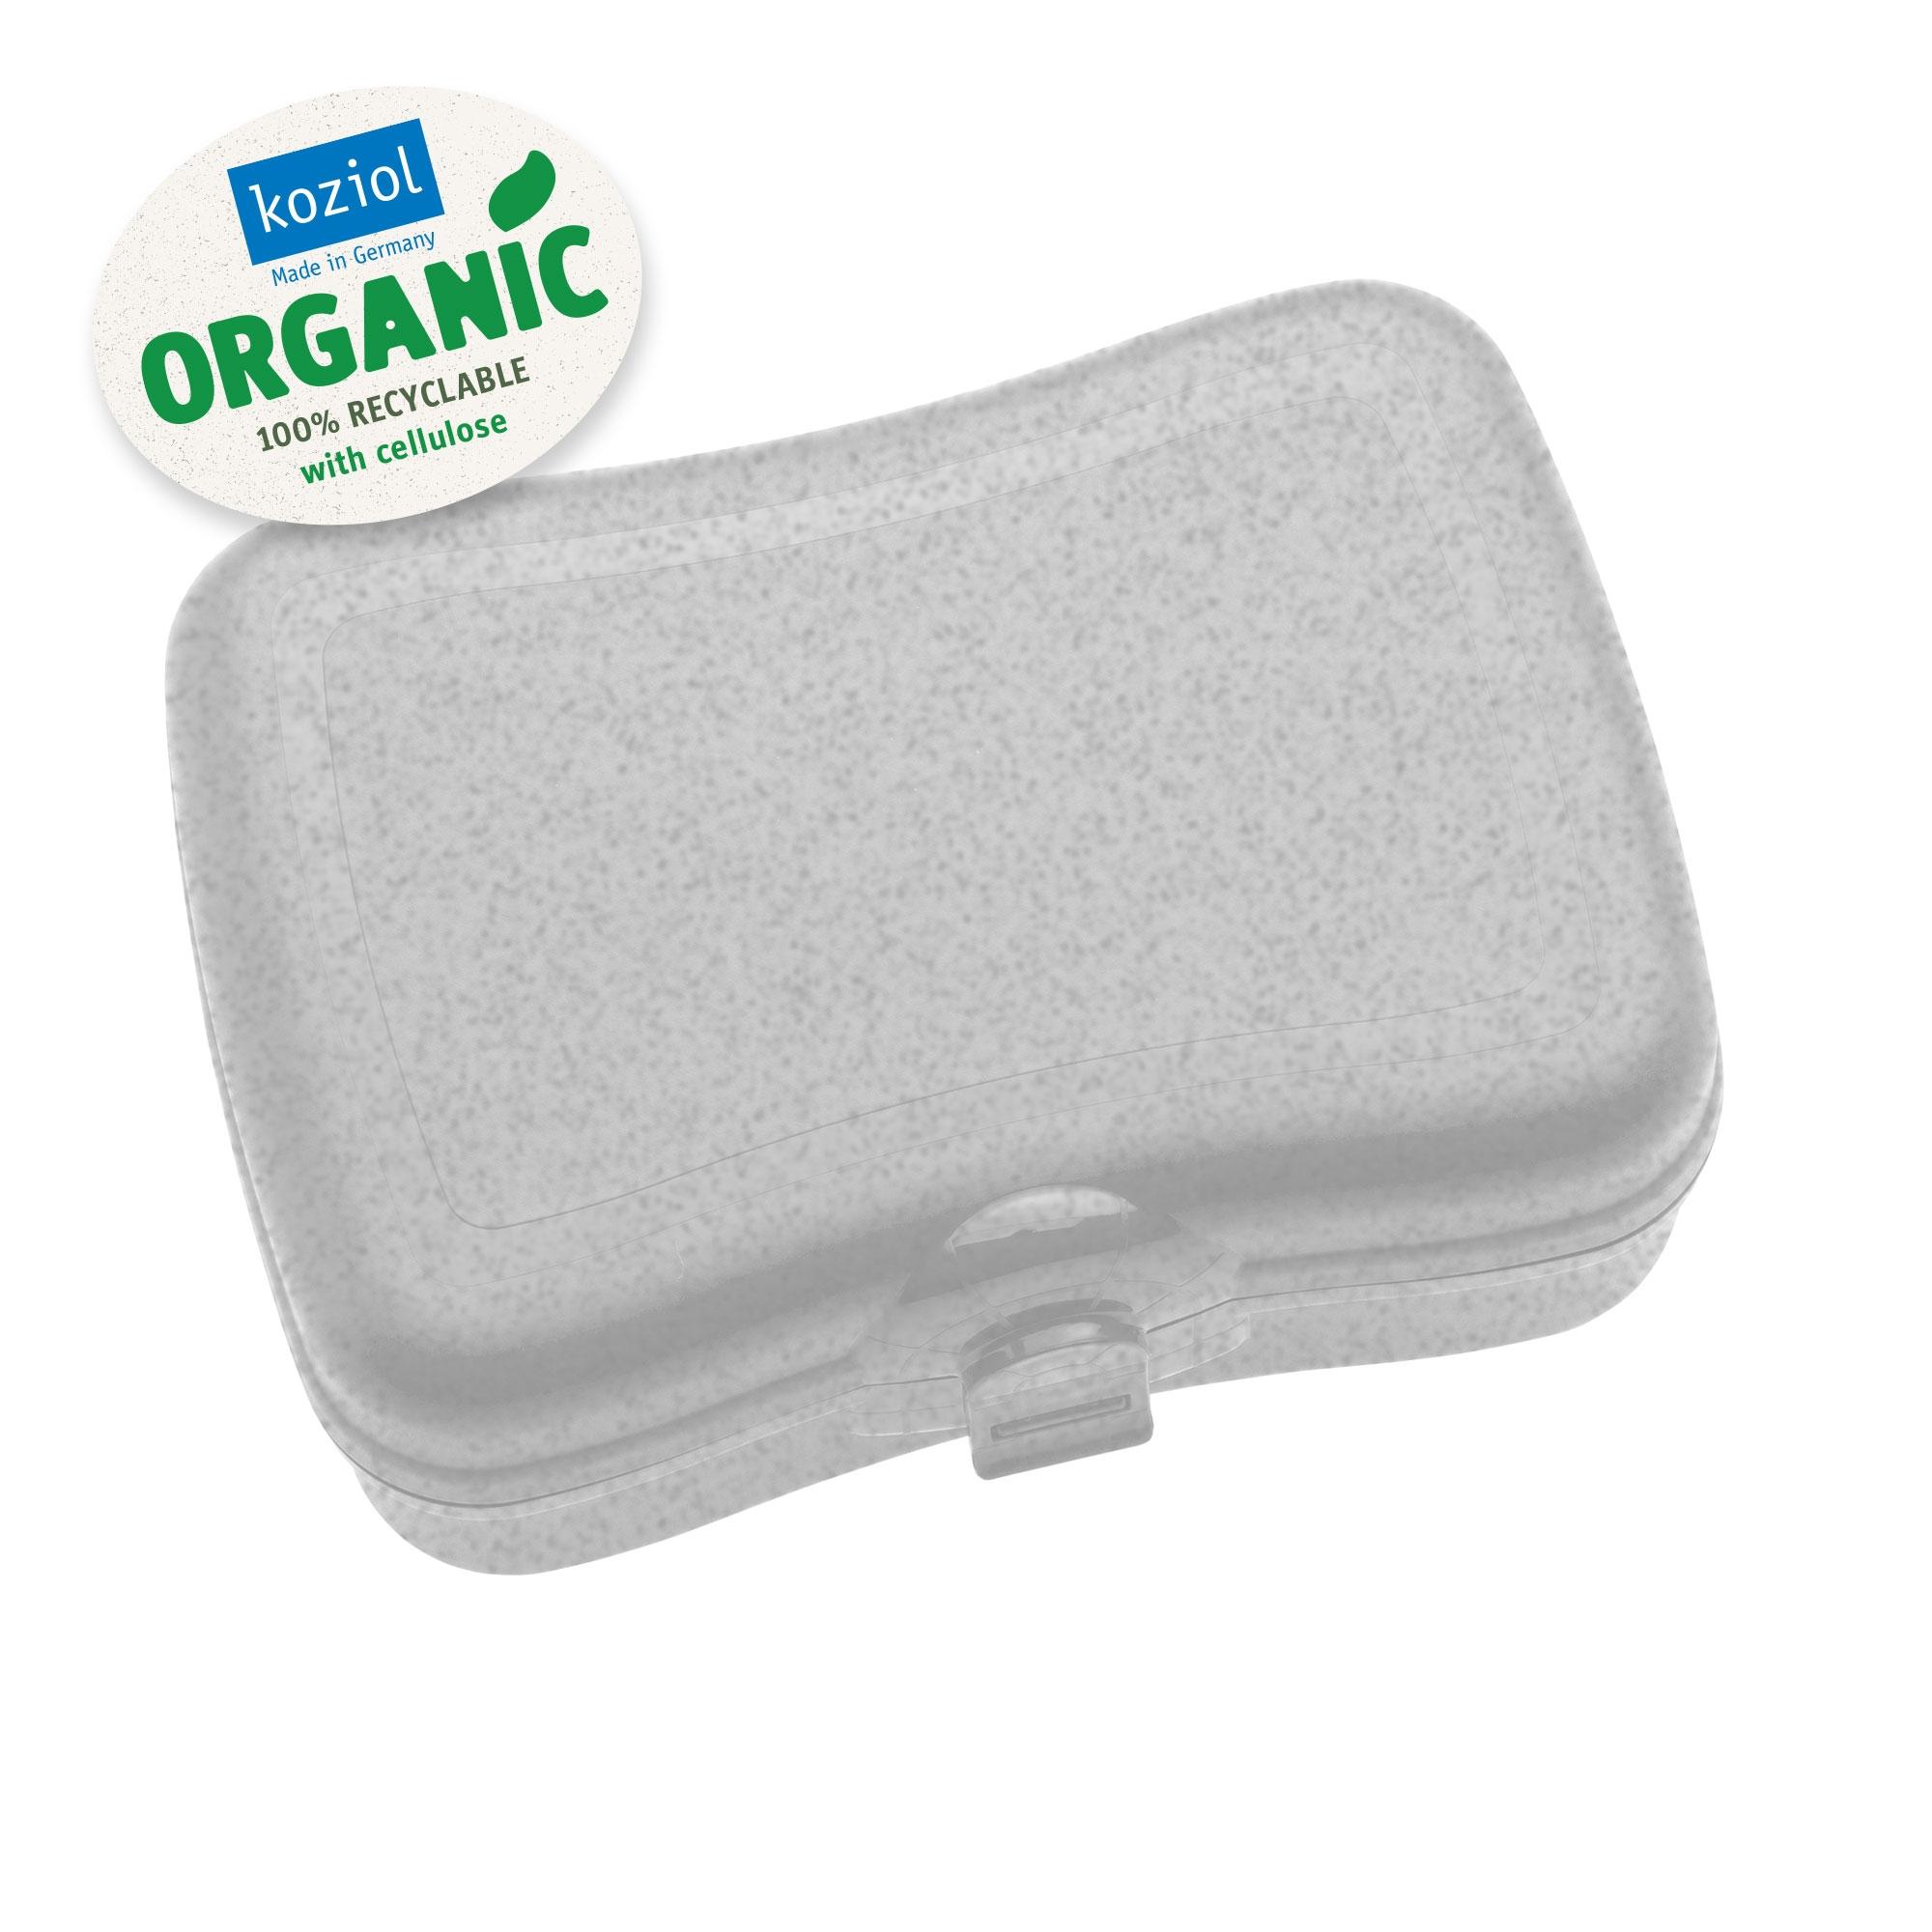 Cutie pentru pranz, 100% Reciclabil, Basic Organic Gri, L16,8xl12,2xH6,6 cm